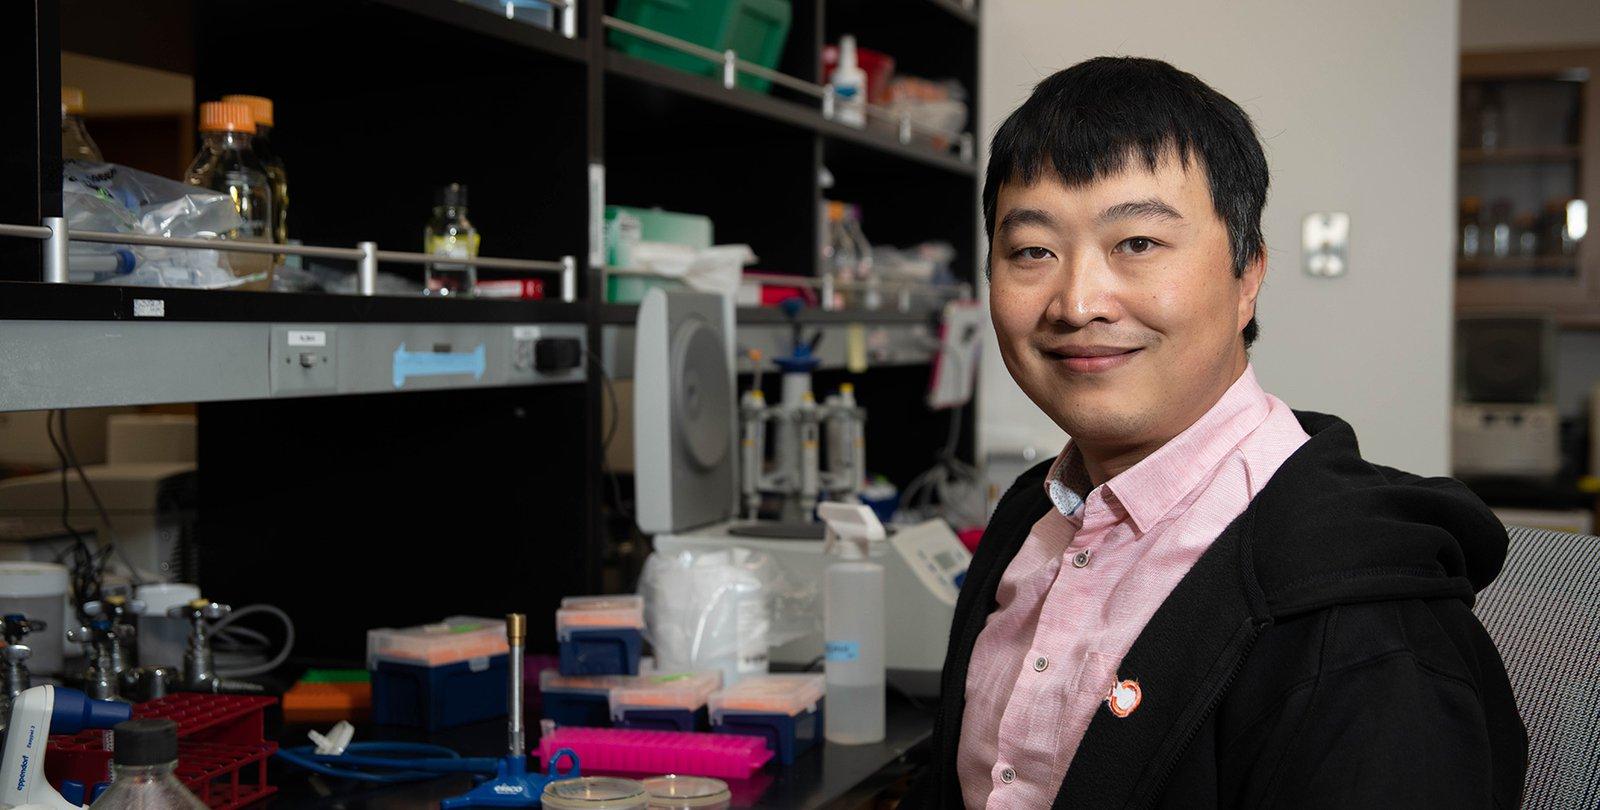 Kaihang Wang in the laboratory